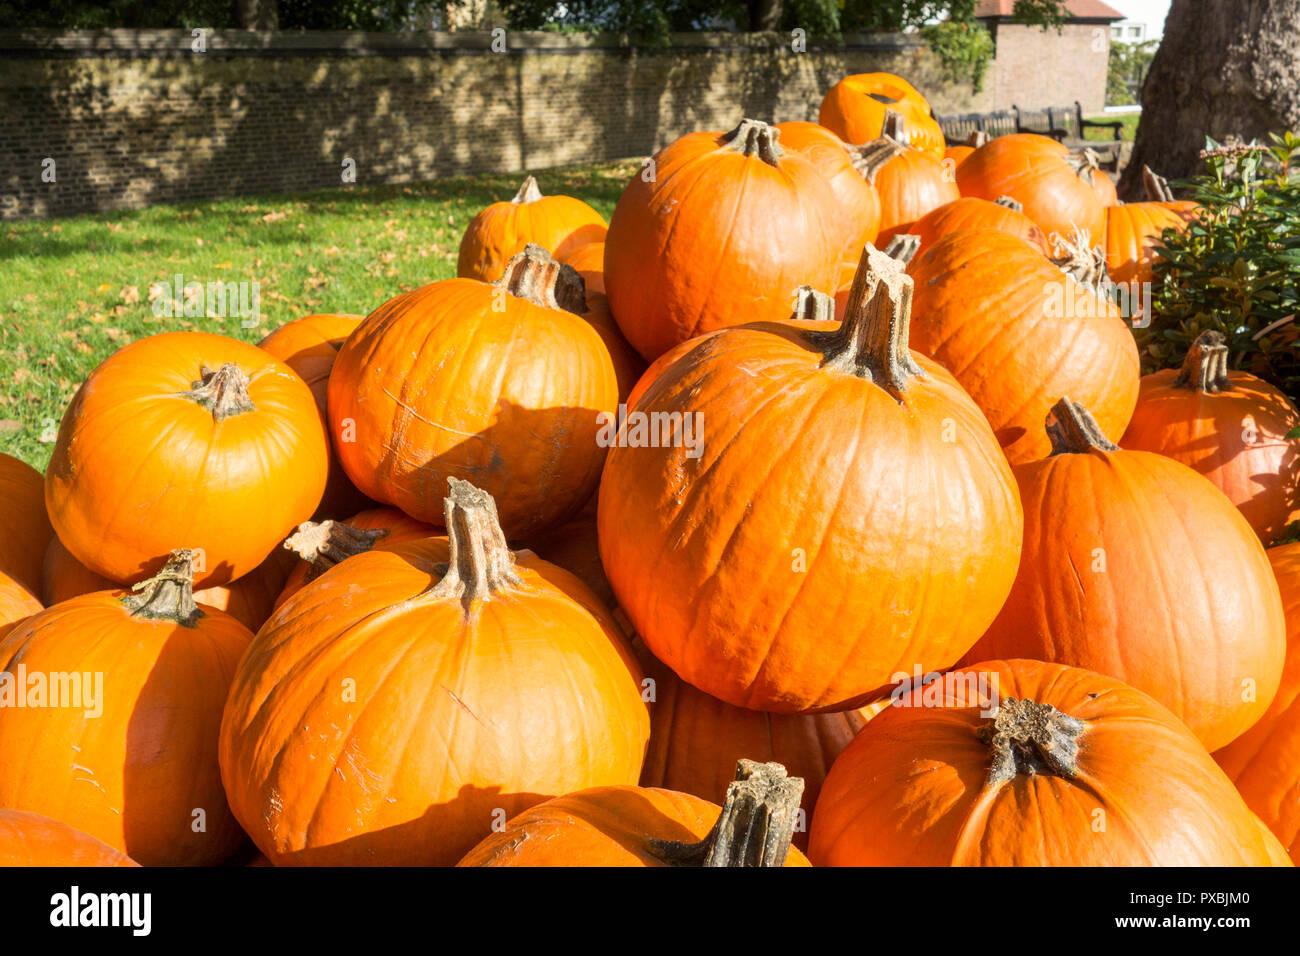 Une pile de citrouilles Halloween et nutritifs antioxydants prêt à être transformé en jack-o'-lantern en dehors d'un légumes en Angleterre, Royaume-Uni Photo Stock